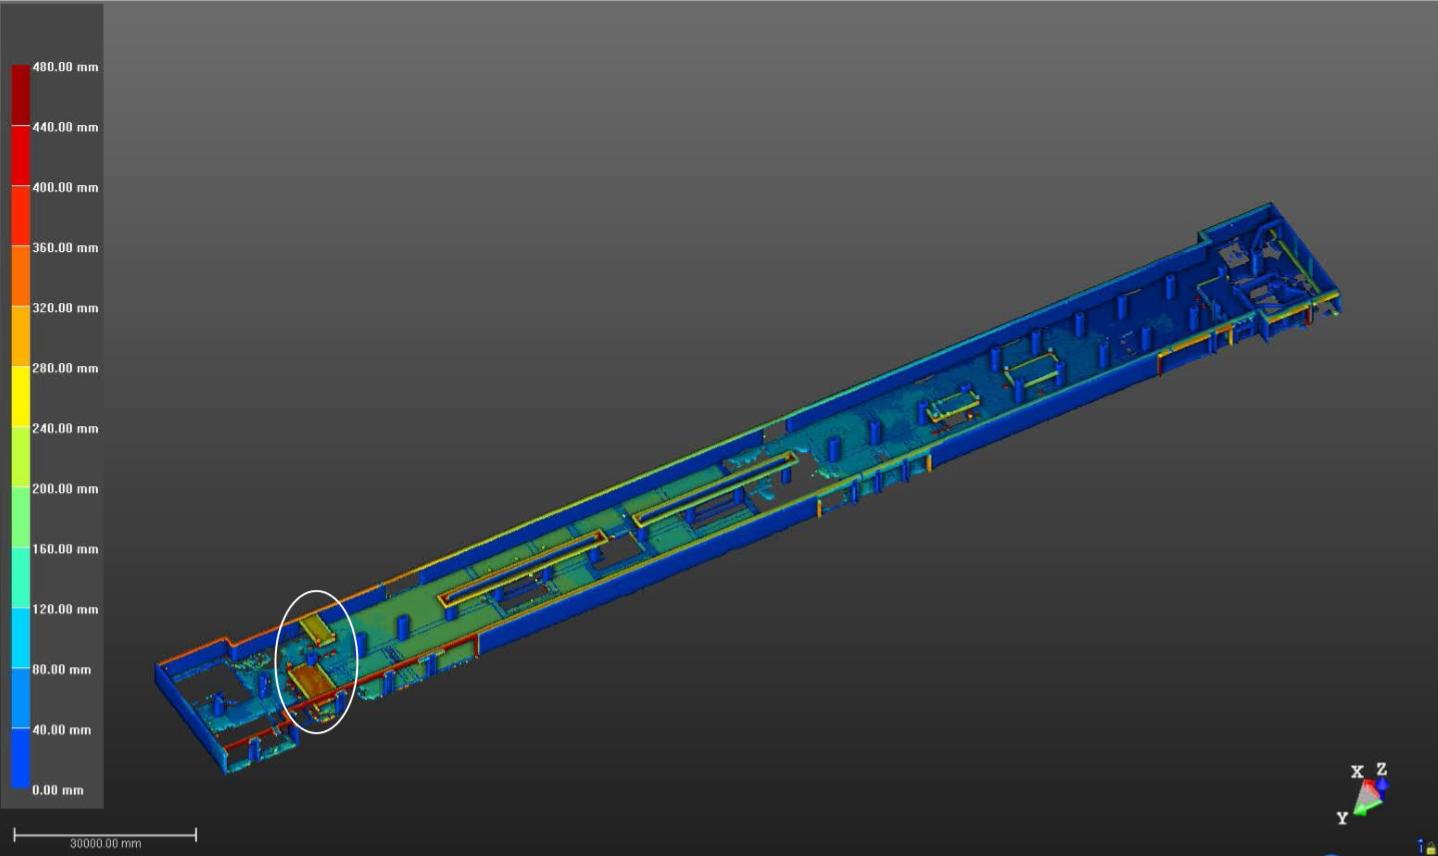 激光扫描-地铁结构检测